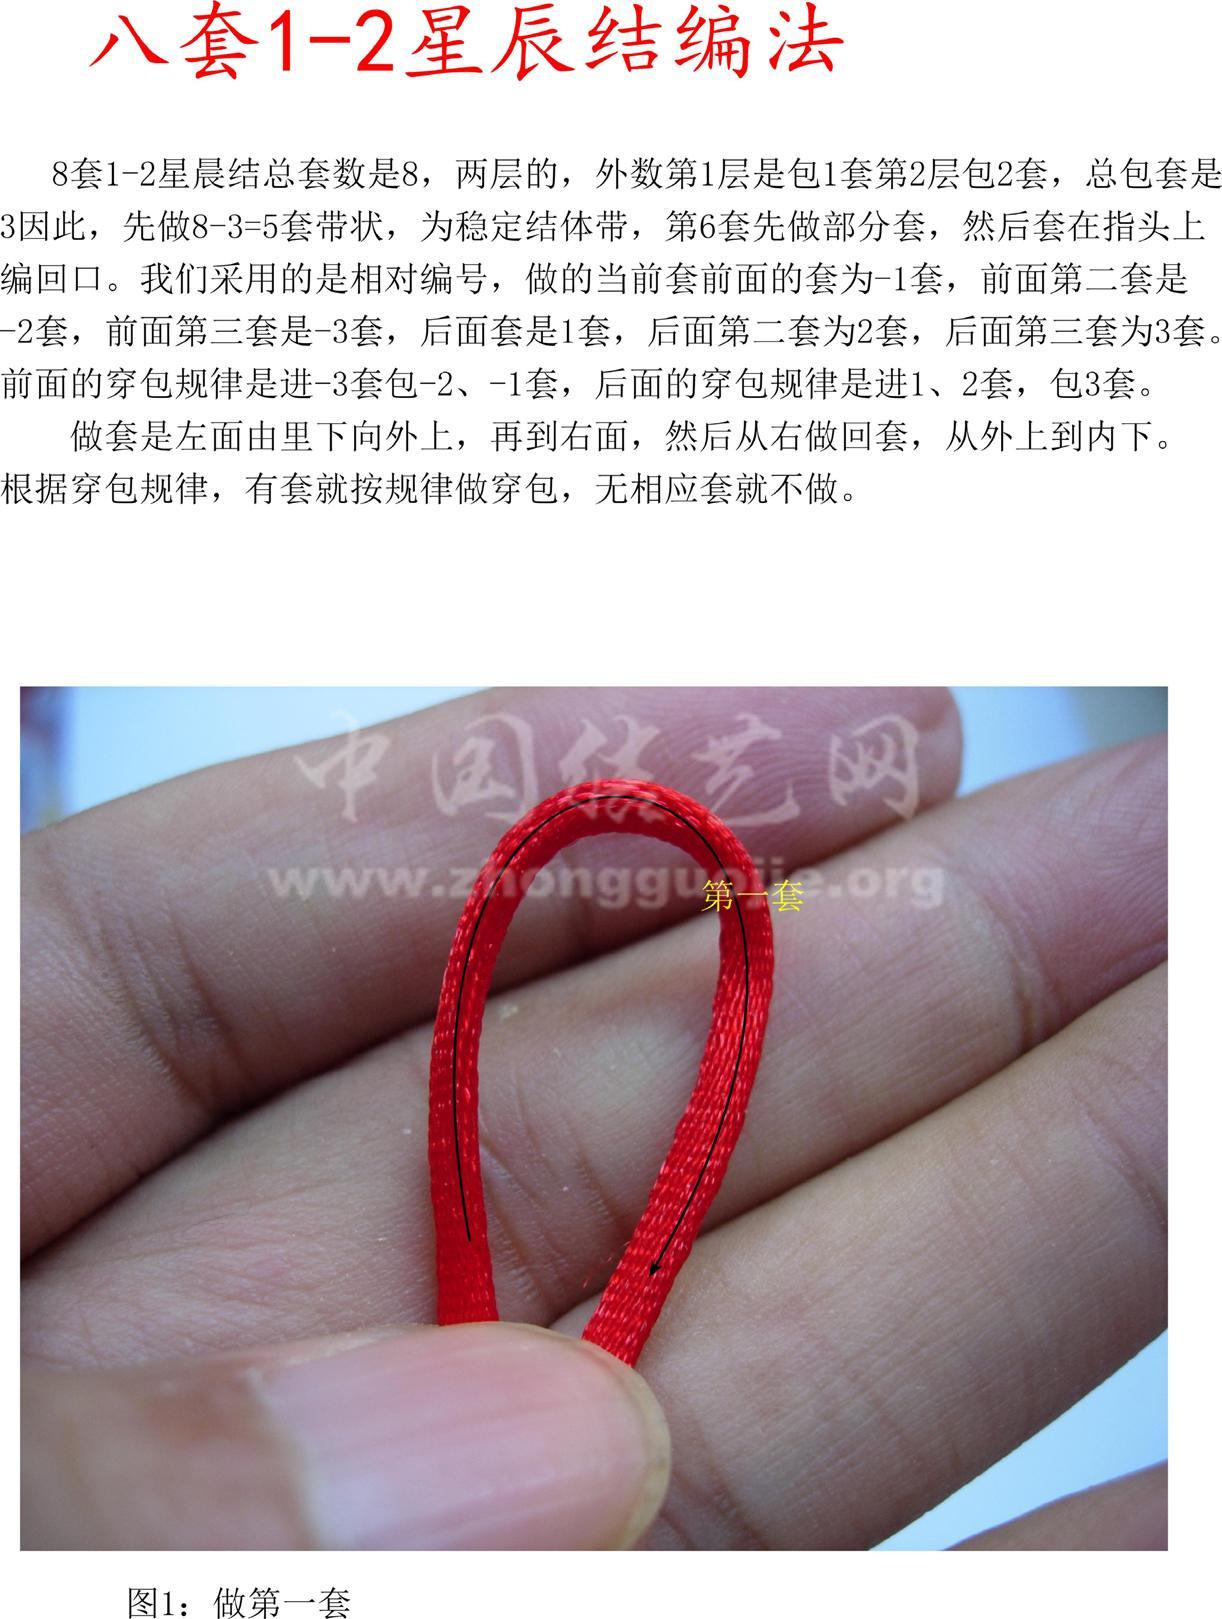 中国结论坛 8套1-2星辰结徒手编结过程  丑丑徒手编结 123507y8xoo3ay8moaogo6